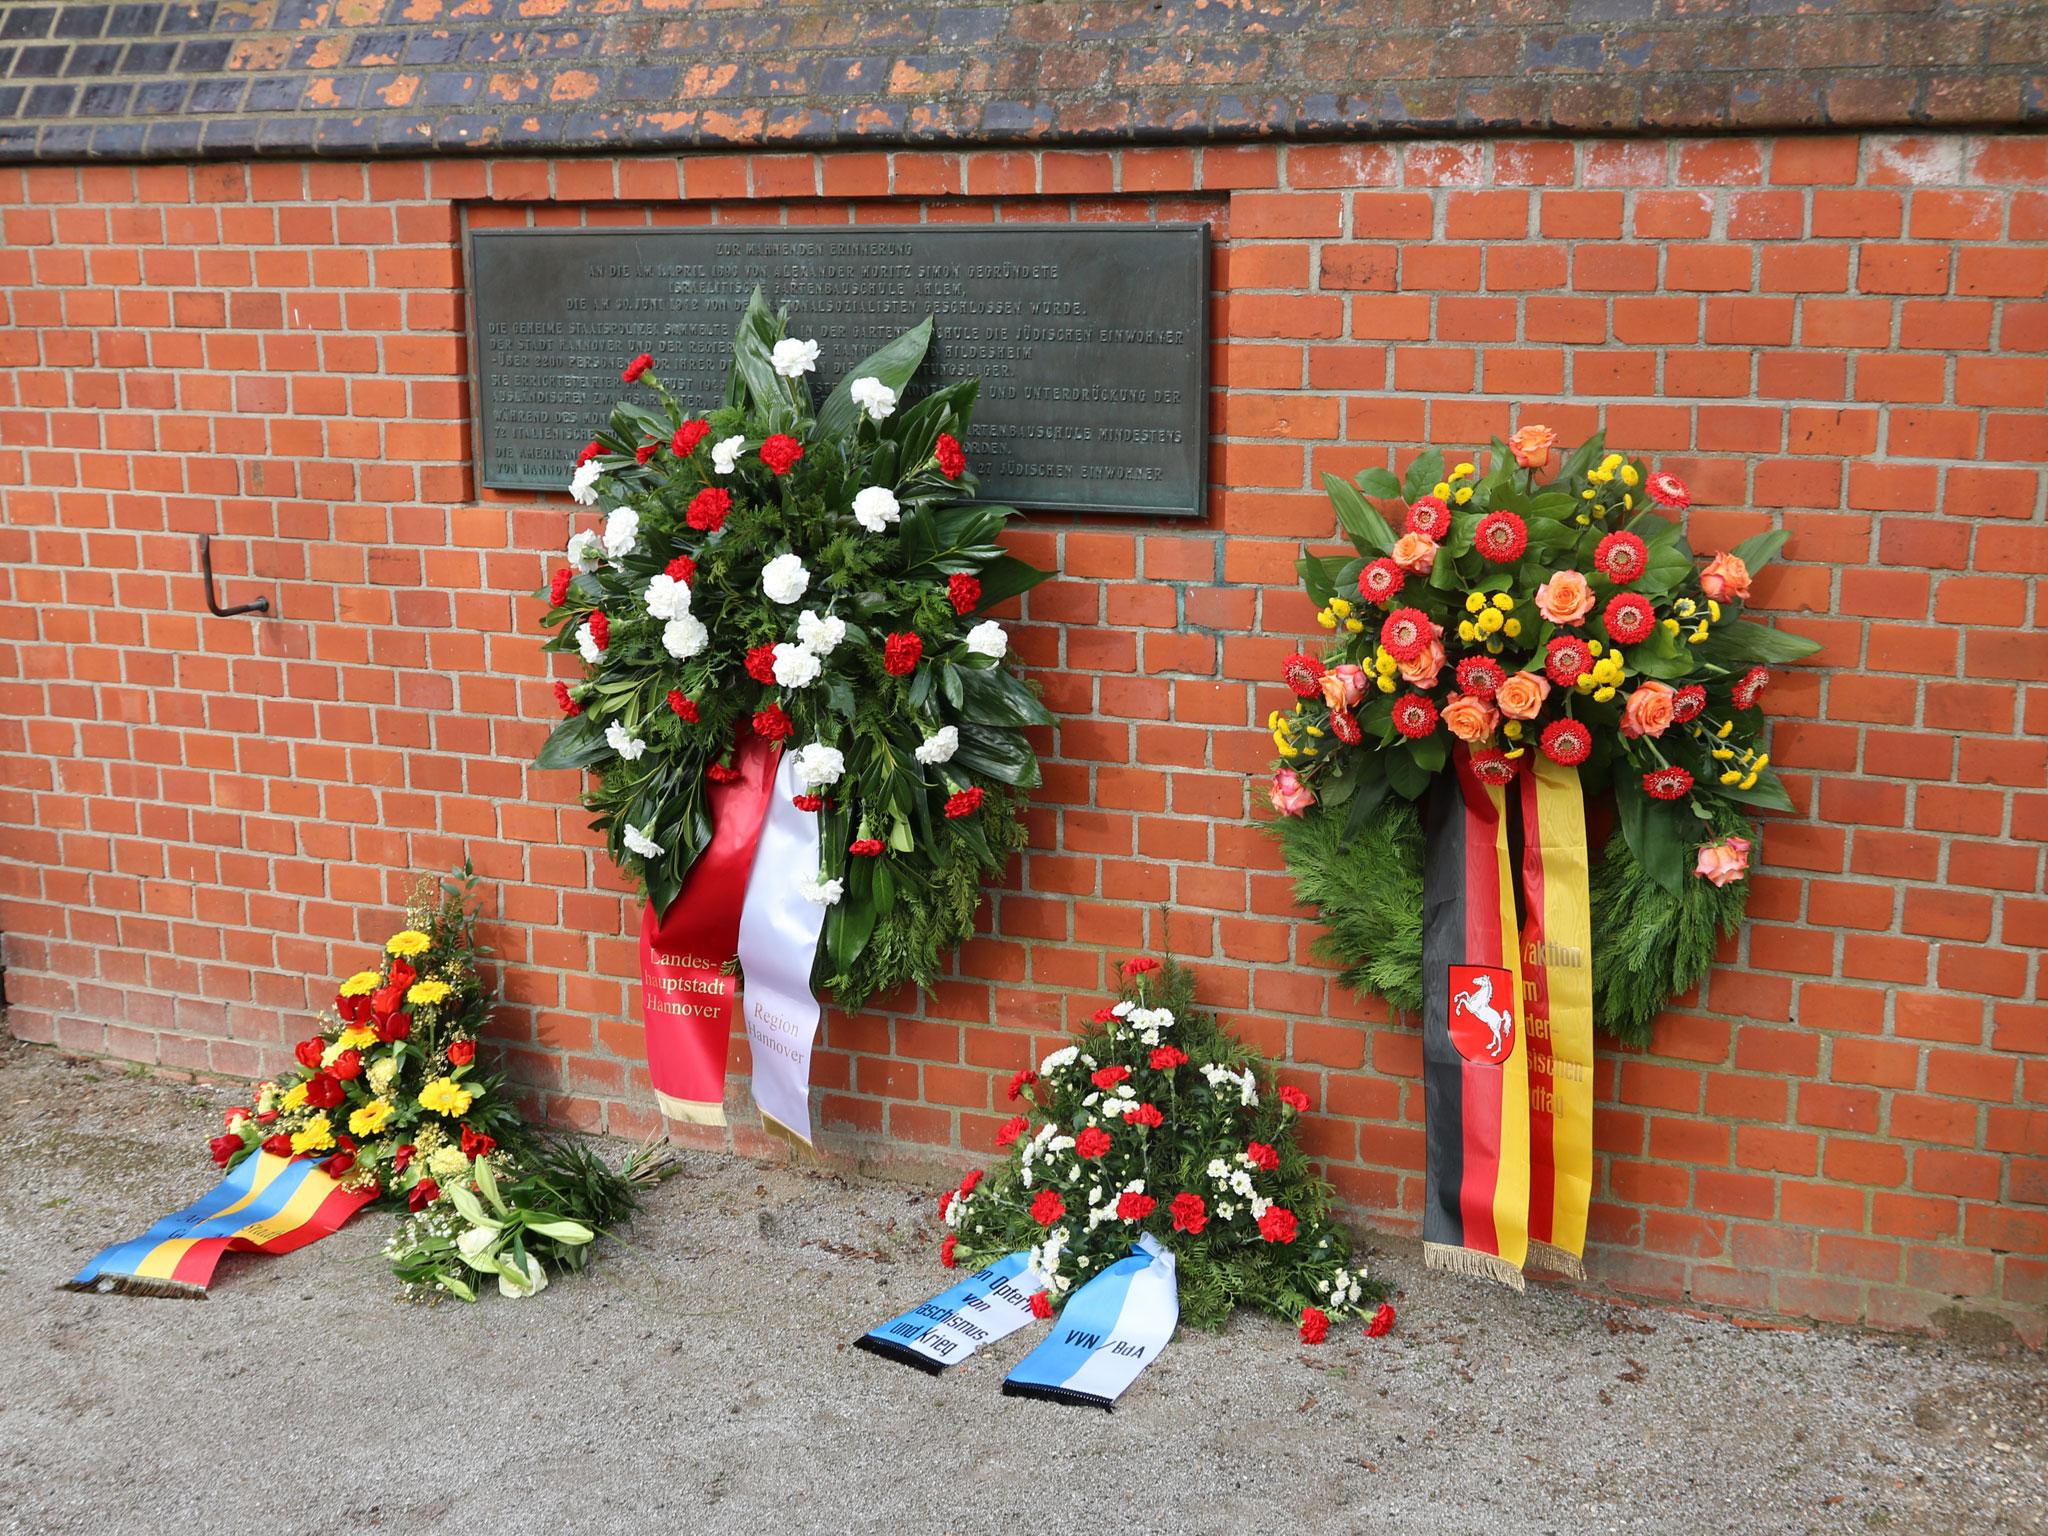 Vier Gedenkränze vor bzw. an einer Mauer.